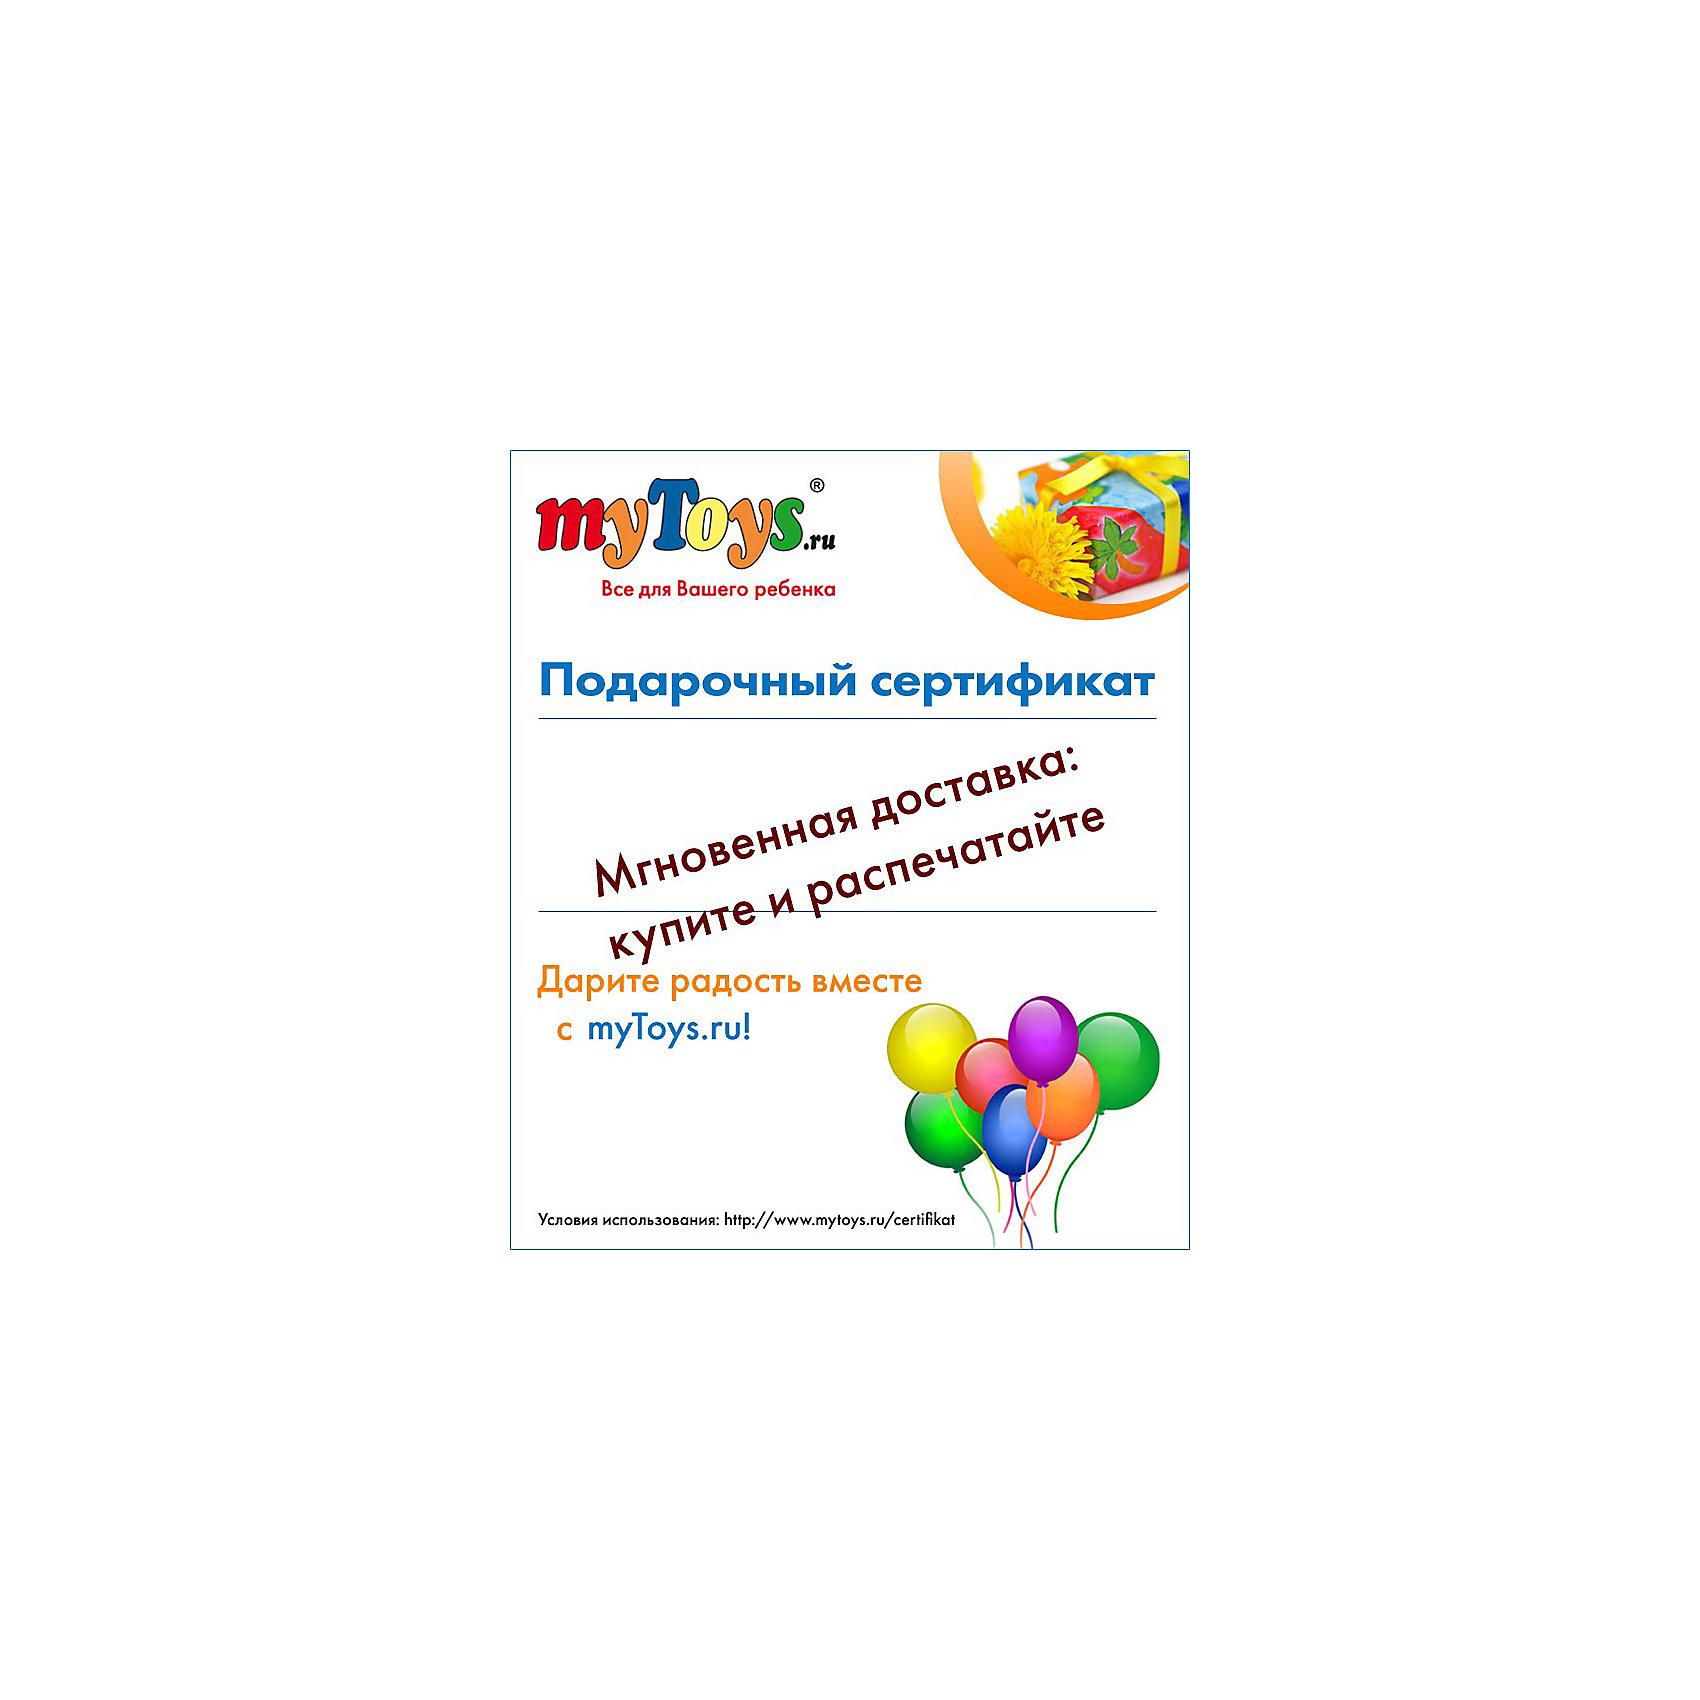 Электронный подарочный сертификат на сумму 1000 рублей